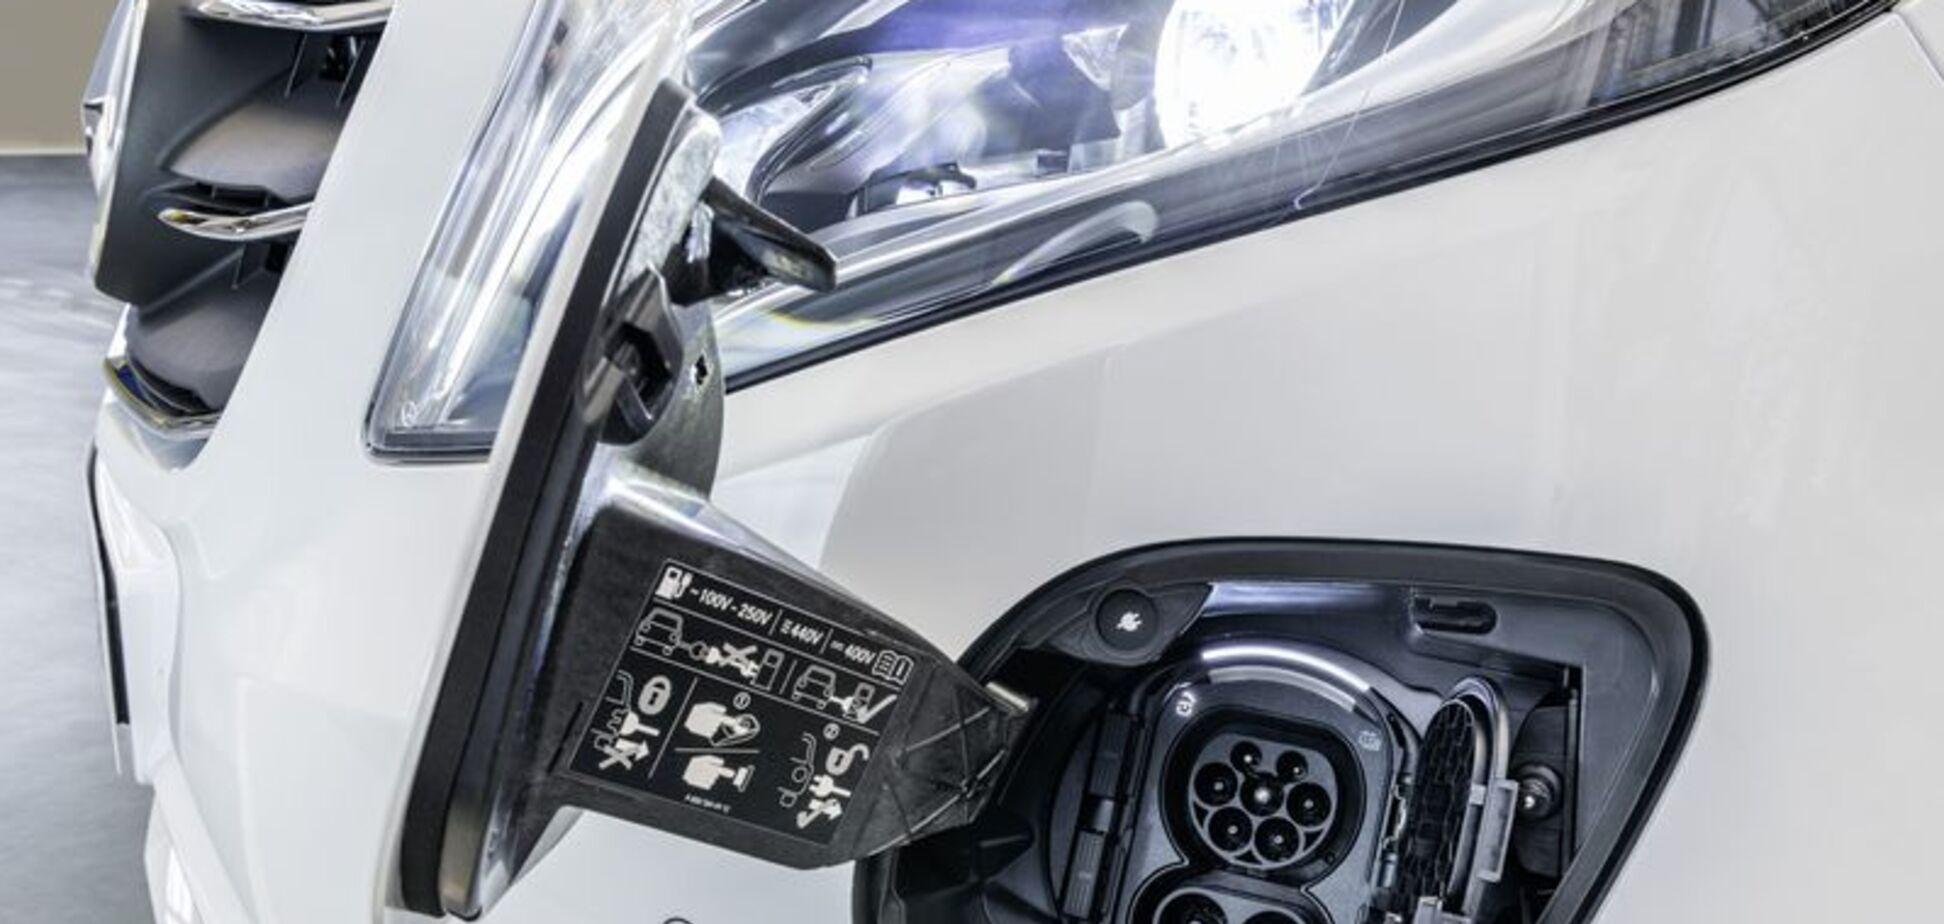 Mercedes-Benz рассекретила свой новый электромобиль eVito